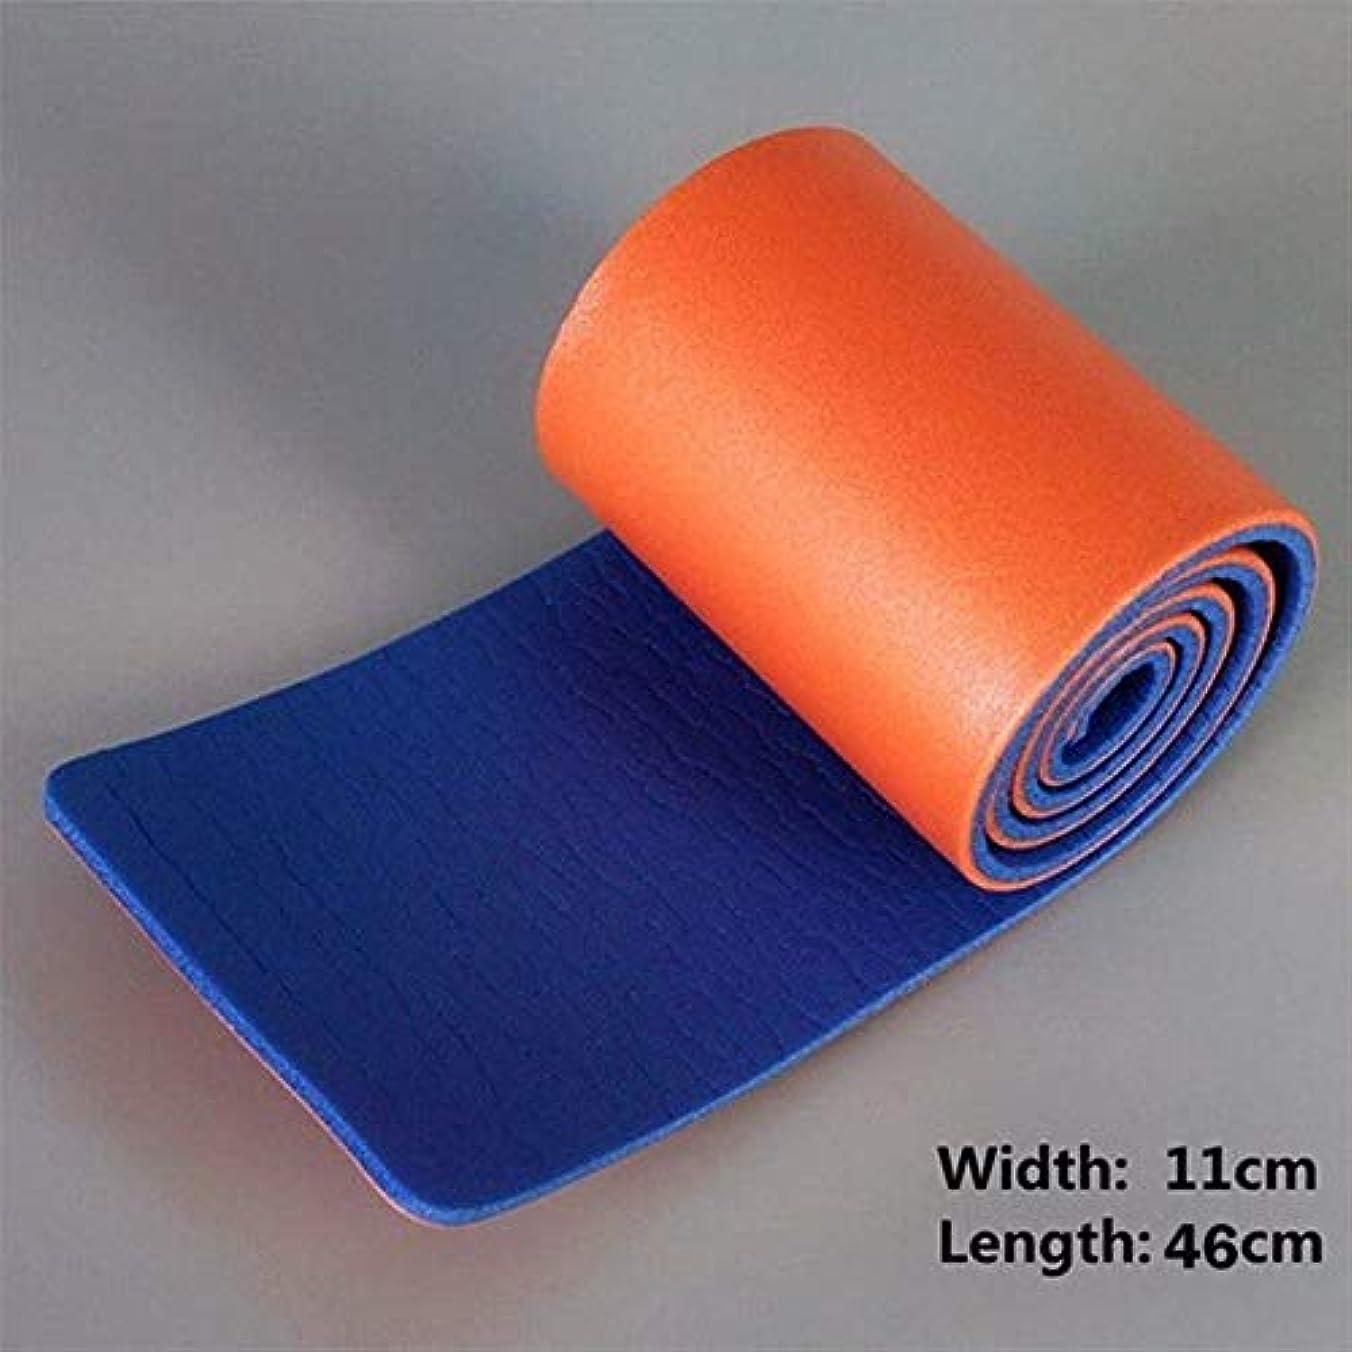 たとえストラップ有利圧着合板フル合板 - ハンド合板イージーモールド合板オレンジ